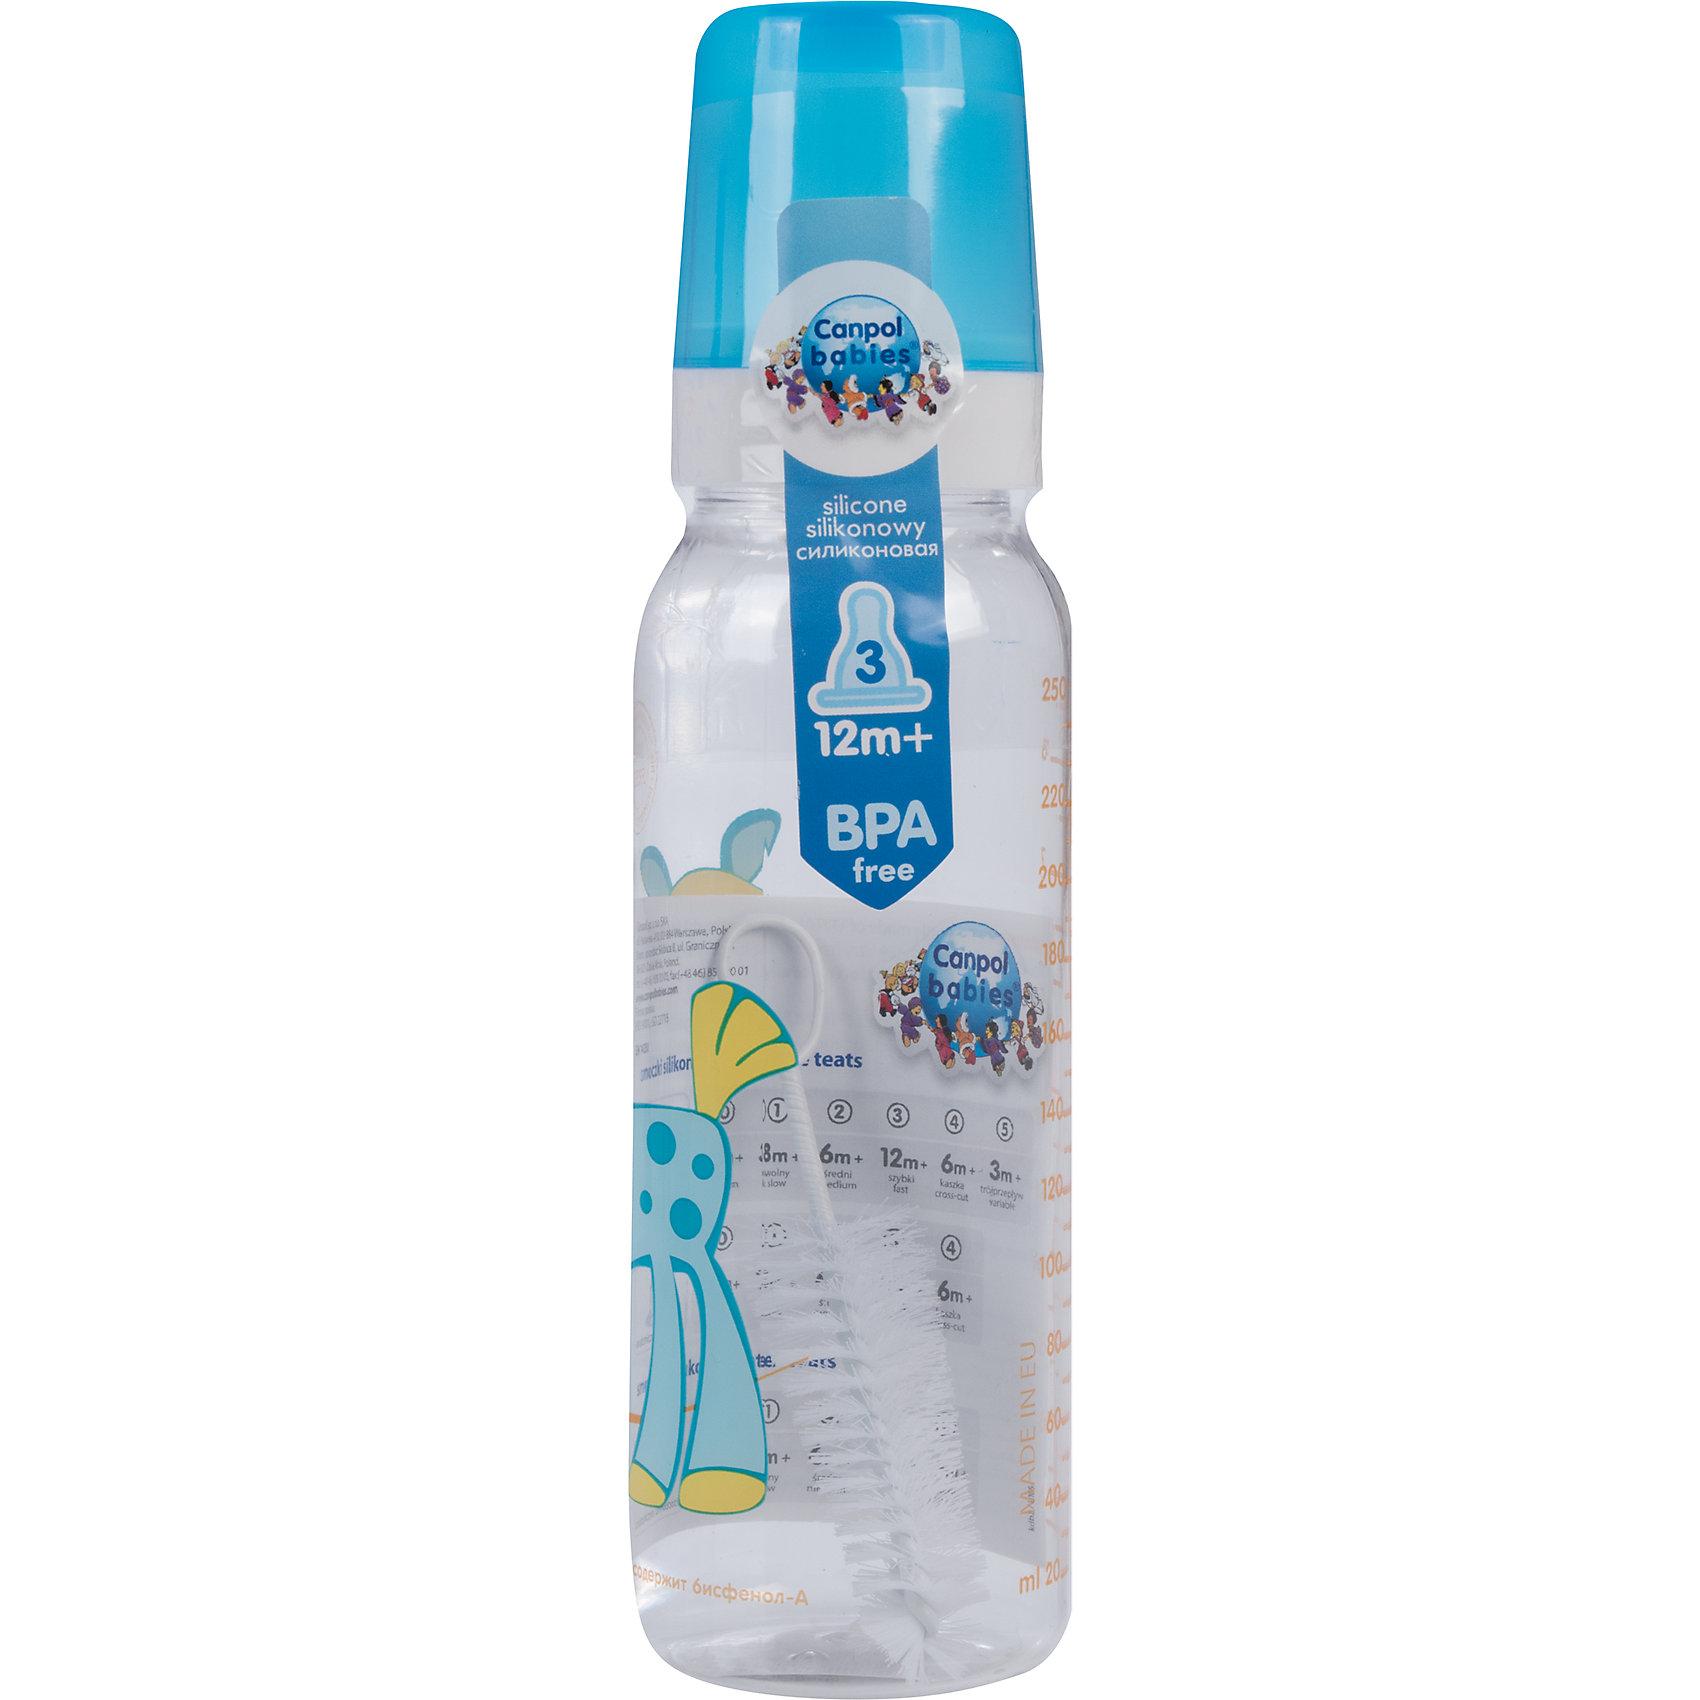 Бутылочка тритановая (BPA 0%) с сил. соской, 250 мл. 12+ Cheerful animals, Canpol Babies, лошадкаБутылочка тритановая (BPA 0%) с сил. соской, 250 мл. 12+ Cheerful animals, Canpol Babies, (Канпол Бейбис), лошадка.<br><br>Характеристики: <br><br>• Объем бутылочки: 250мл.<br>• Материал бутылочки: тритан - пластик нового поколения.<br>• Материал соски: силикон.<br>• Цвет : синий. <br>Бутылочка тритановая (BPA 0%) с сил. соской, 250 мл. 12+ Cheerful animals, Canpol Babies, (Канпол Бейбис) имеет классическую форму. Удобна в использовании дома и в дороге. Бутылочка выполнена из безопасного качественного материала - тритана, который хорошо держит тепло, снабжена силиконовой соской (быстрый поток) и защитным колпачком, имеет удобную мерную шкалу.  Такую бутылочку и все части можно кипятить в воде или стерилизовать с помощью специального прибора. Не впитывает запахи. Бутылочка выполнена в синем цвете, украшена  забавным принтом – лошадка.<br>Бутылочка тритановая (BPA 0%) с сил. соской, 250 мл. 12+ Cheerful animals, Canpol Babies, (Канпол Бейбис), лошадка можно купить в нашем интернет- магазине.<br><br>Ширина мм: 65<br>Глубина мм: 54<br>Высота мм: 235<br>Вес г: 640<br>Возраст от месяцев: 12<br>Возраст до месяцев: 36<br>Пол: Унисекс<br>Возраст: Детский<br>SKU: 5156808